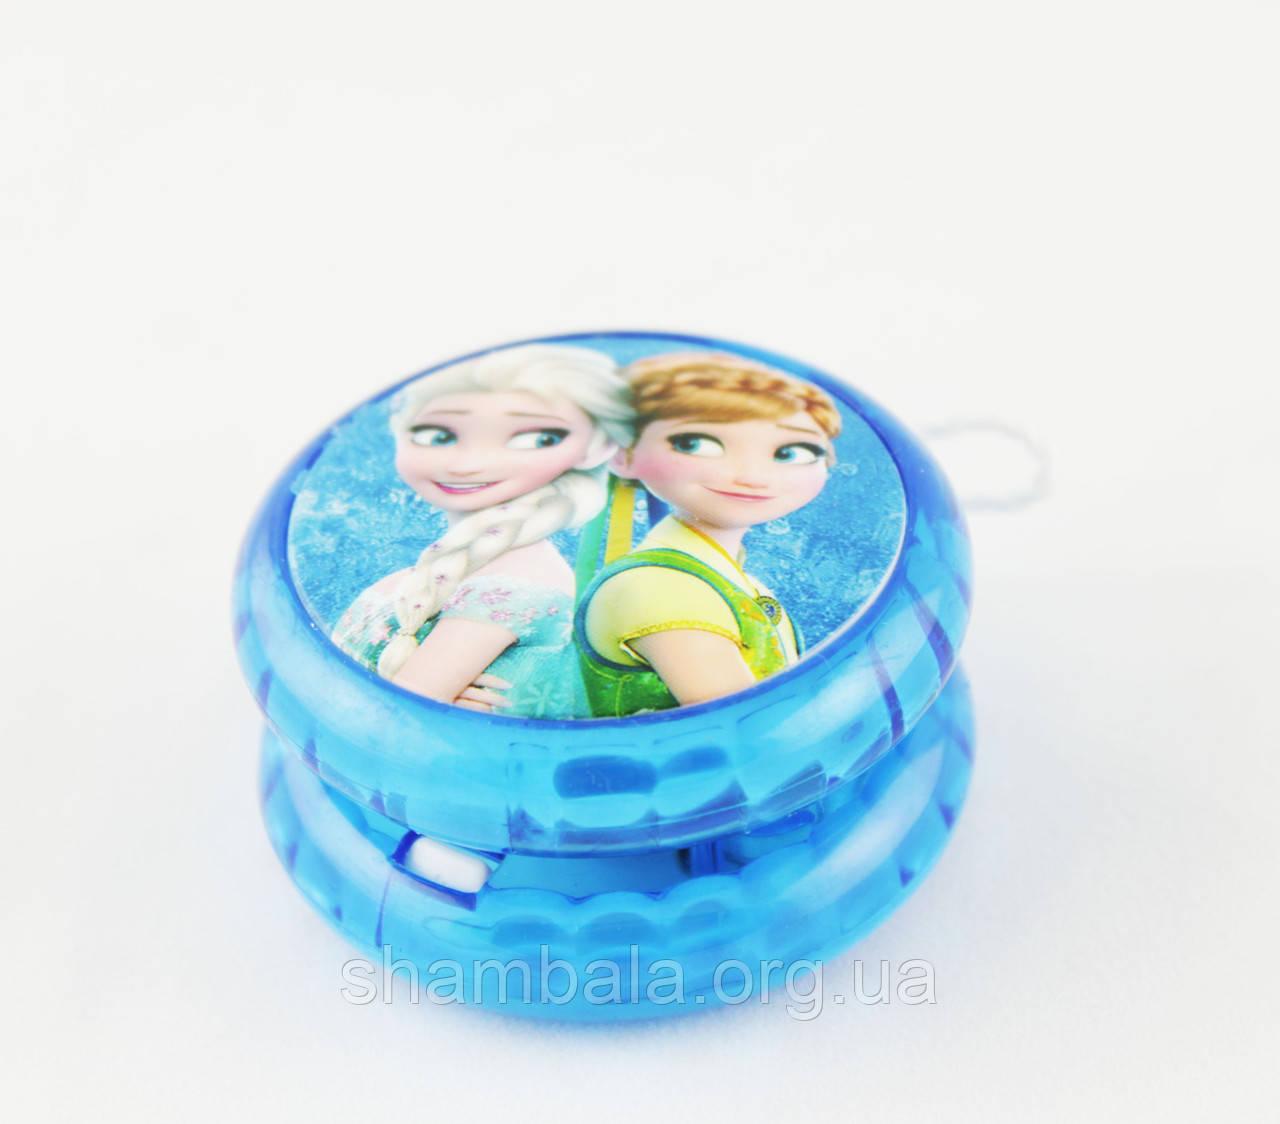 Йо-Йо Холодное сердце голубое (055428)